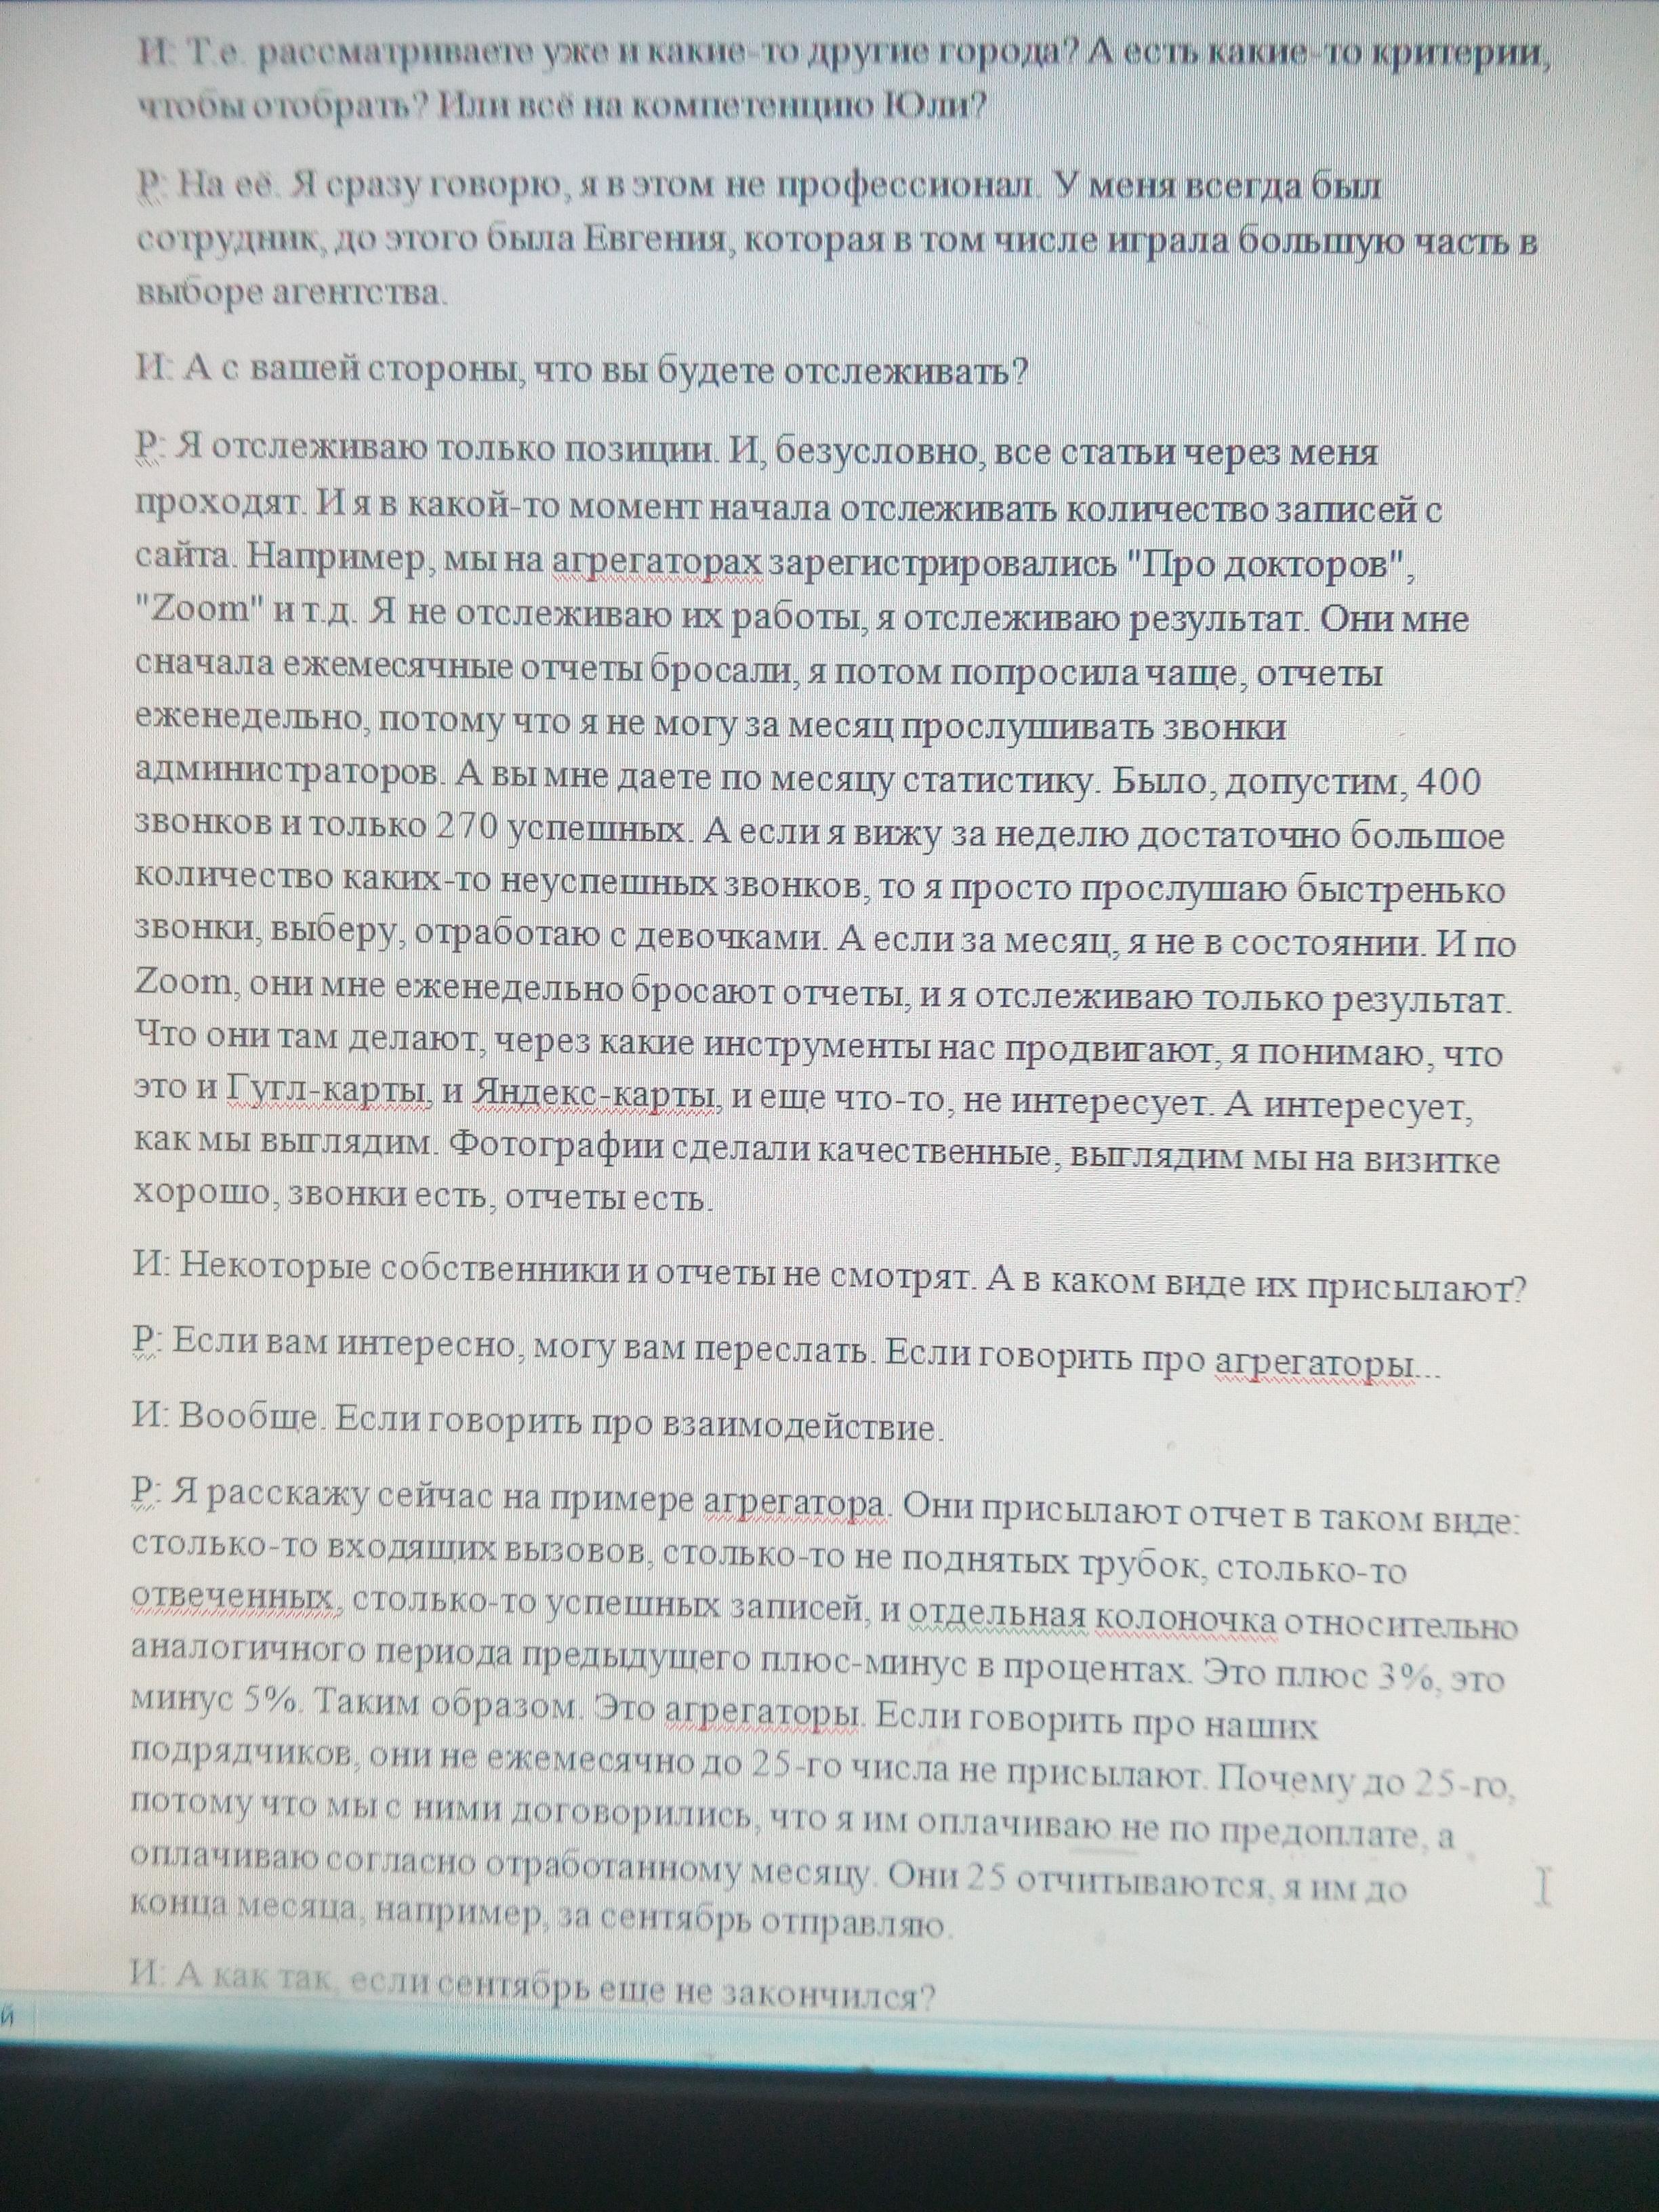 Фото Расшифровка интервью на тему маркетинга длительностью 50 минут, выполнил работу за 6 часов.